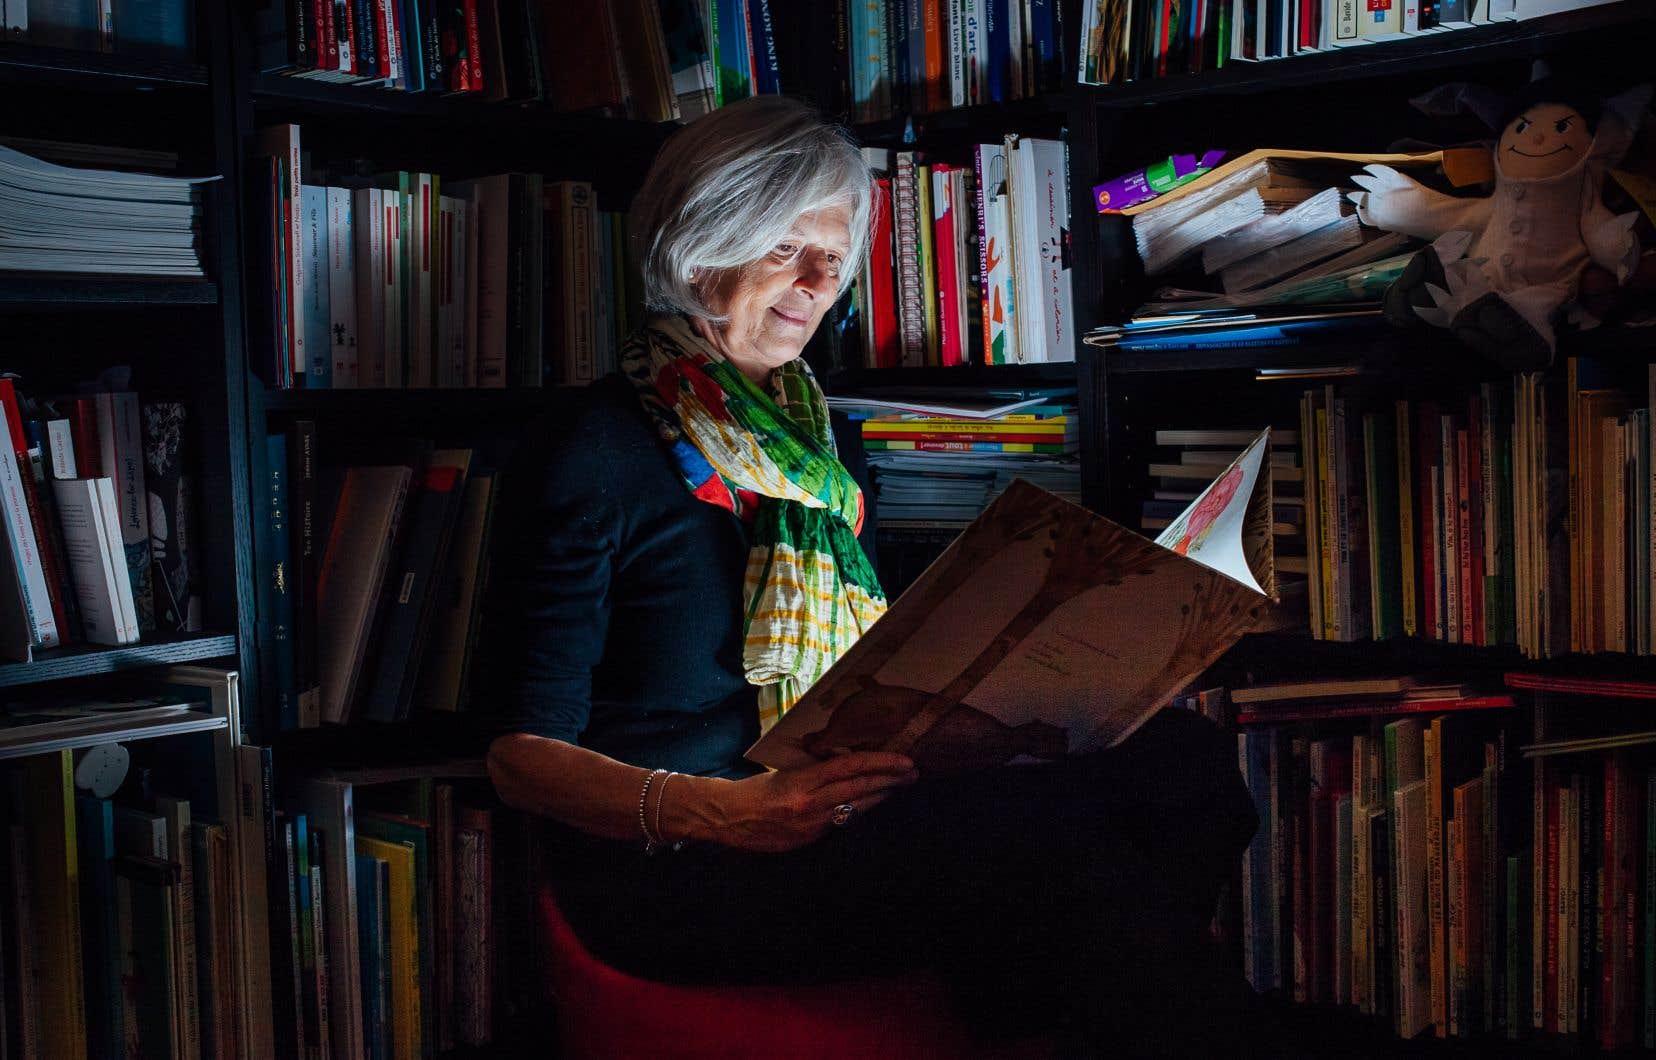 Ils sont jusqu'à 33 auteurs et autrices, illustrateurs et illustratrices cosignataires d'«On a tous besoin d'histoires», écrit, pensé et tenu à bout de bras par l'autrice et passeuse de littérature jeunesse Marie Barguirdjian.